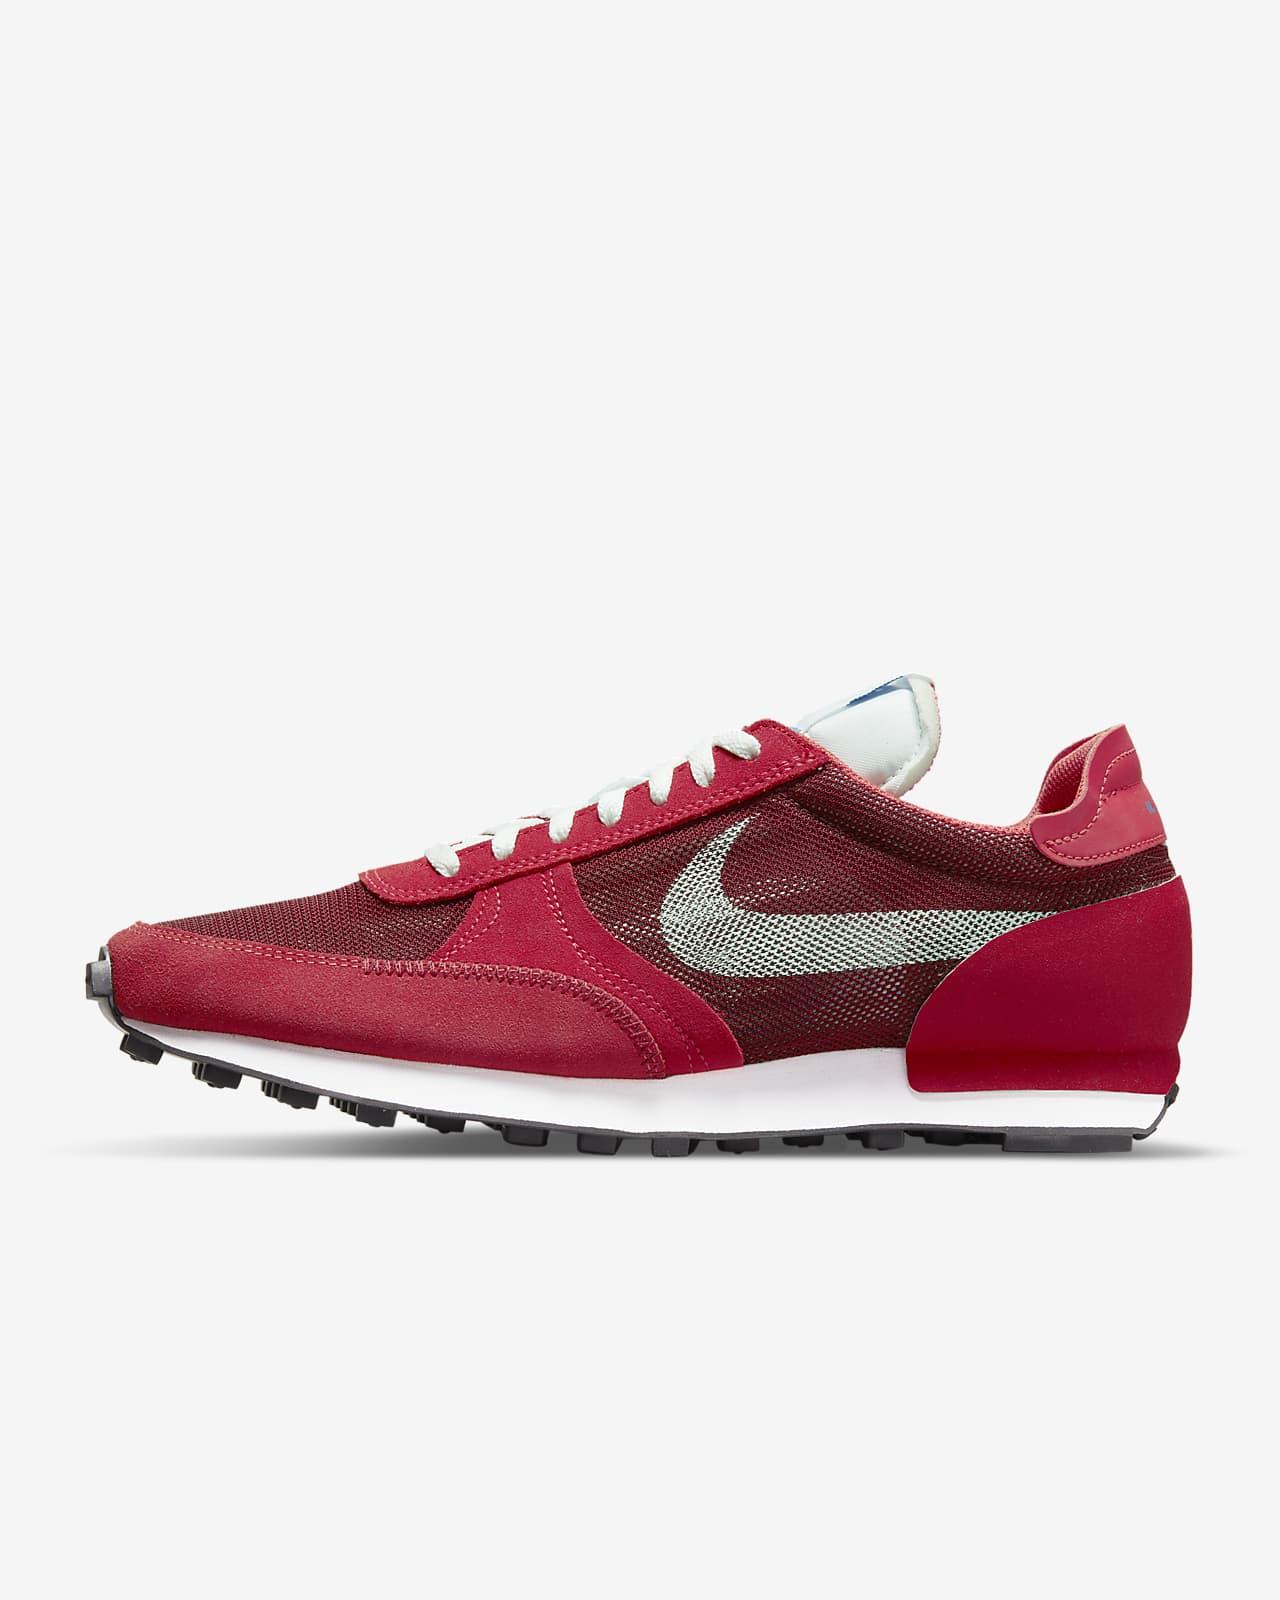 Nike DBreak-Type Men's Shoes